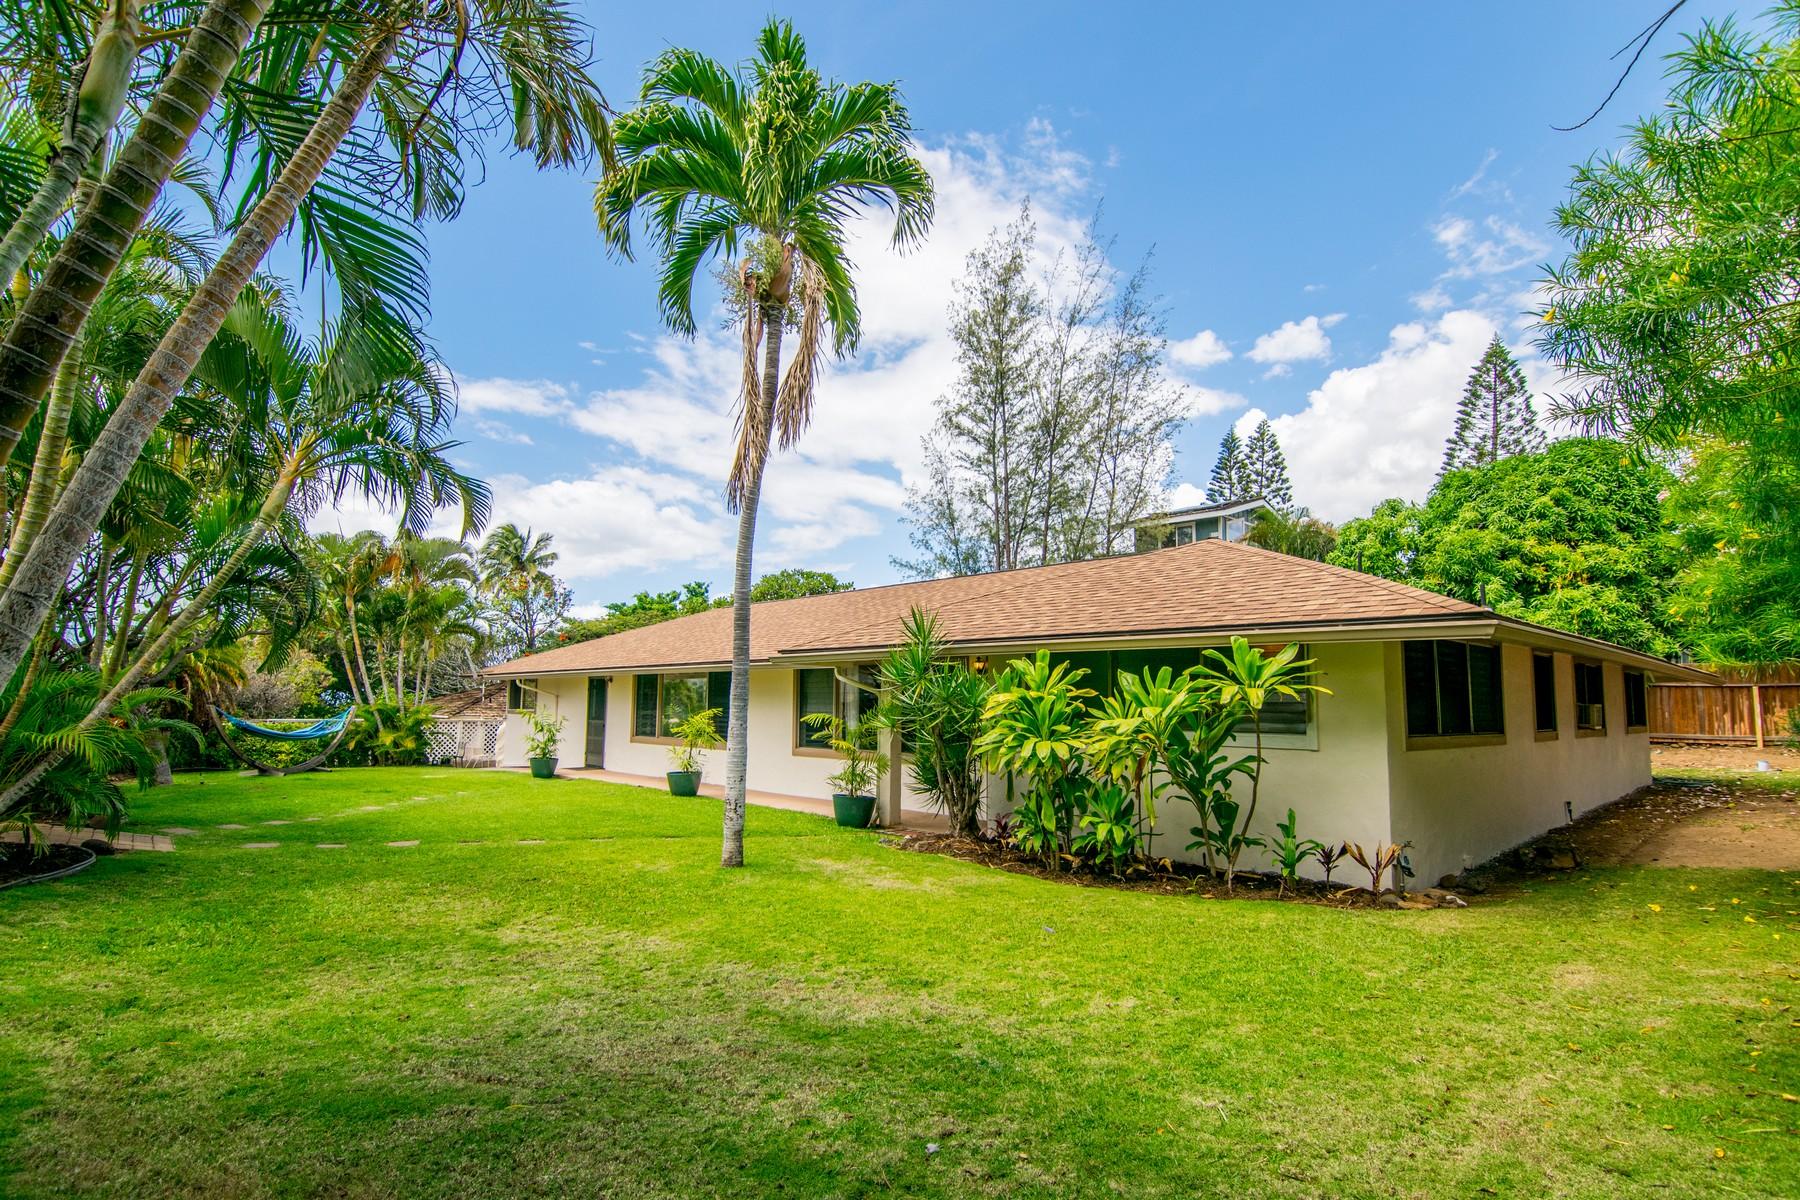 Частный односемейный дом для того Продажа на Short Stroll to Maui's Premier South Shore Beaches 165 Kanani Road Kihei, Гавайи, 96753 Соединенные Штаты